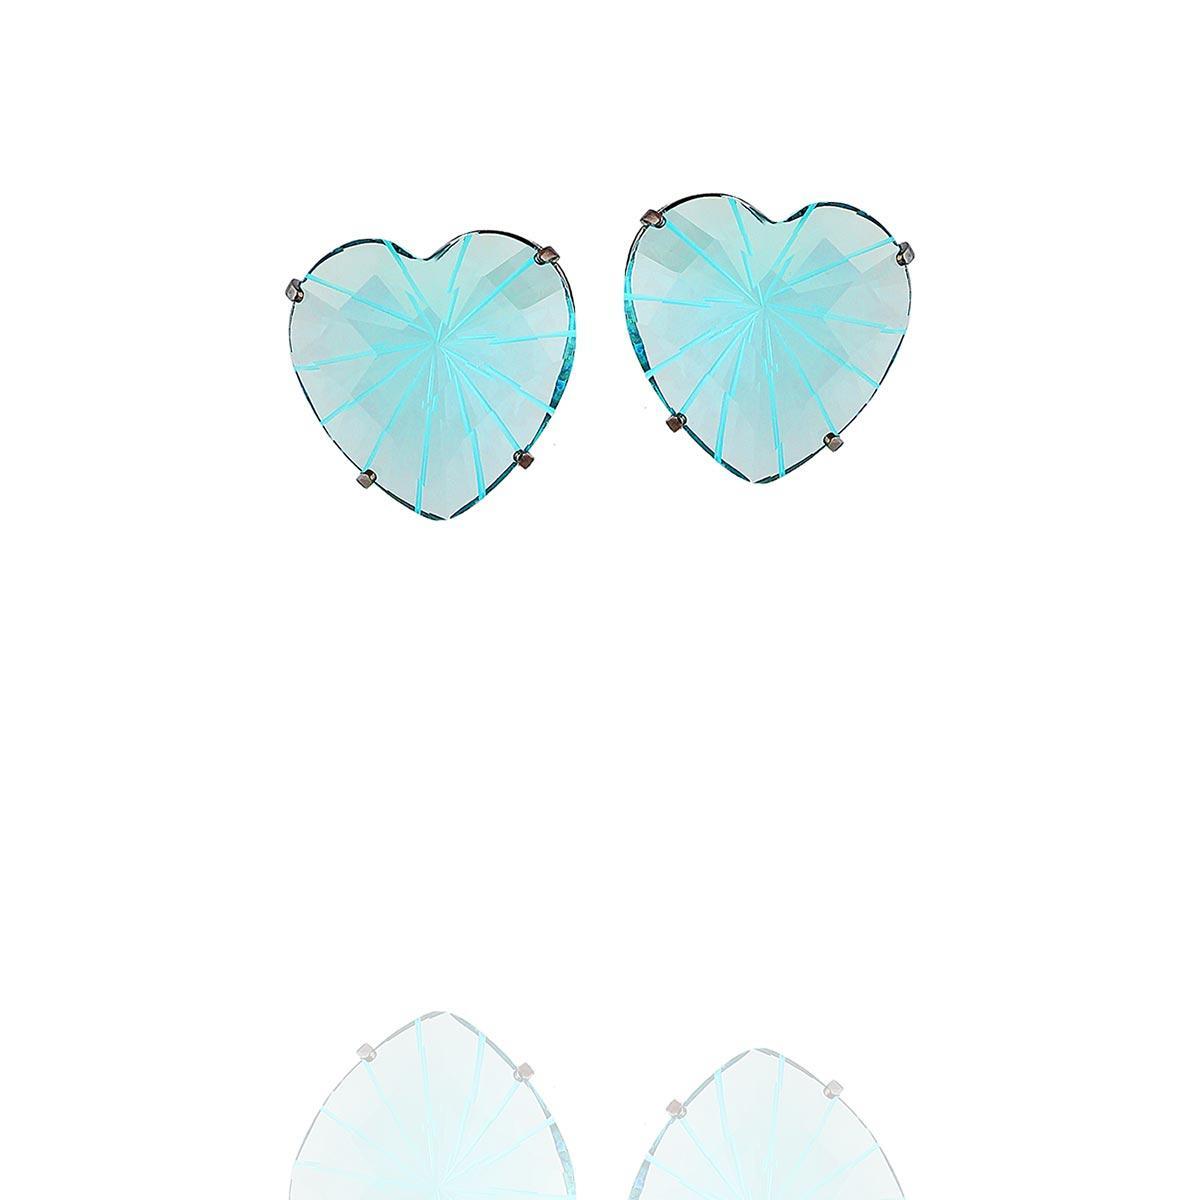 brinco aurora boreal coração zircônia azul ródio negro